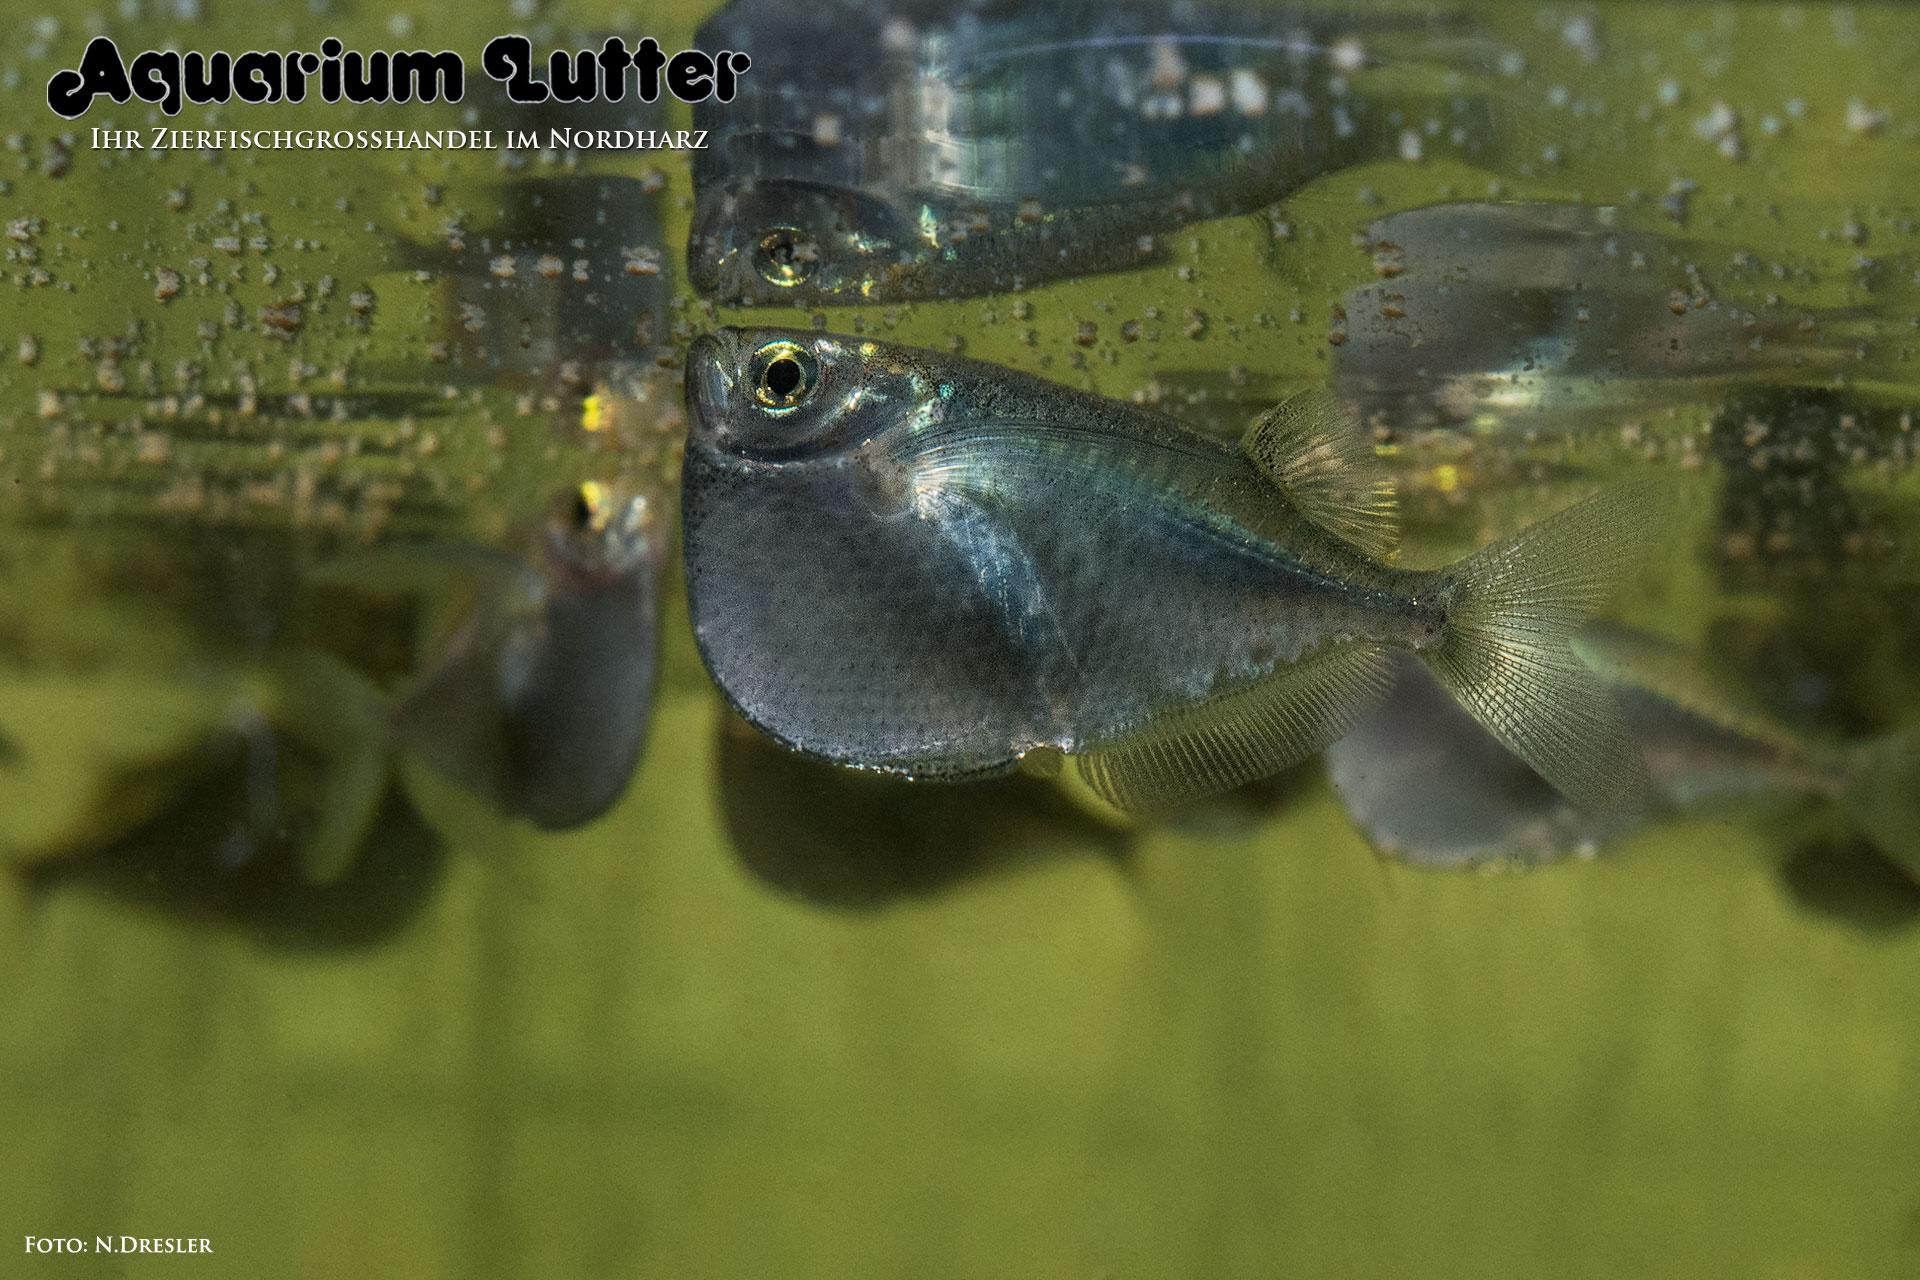 Riesenbeilbauchfisch – Thoracocharax stellatus